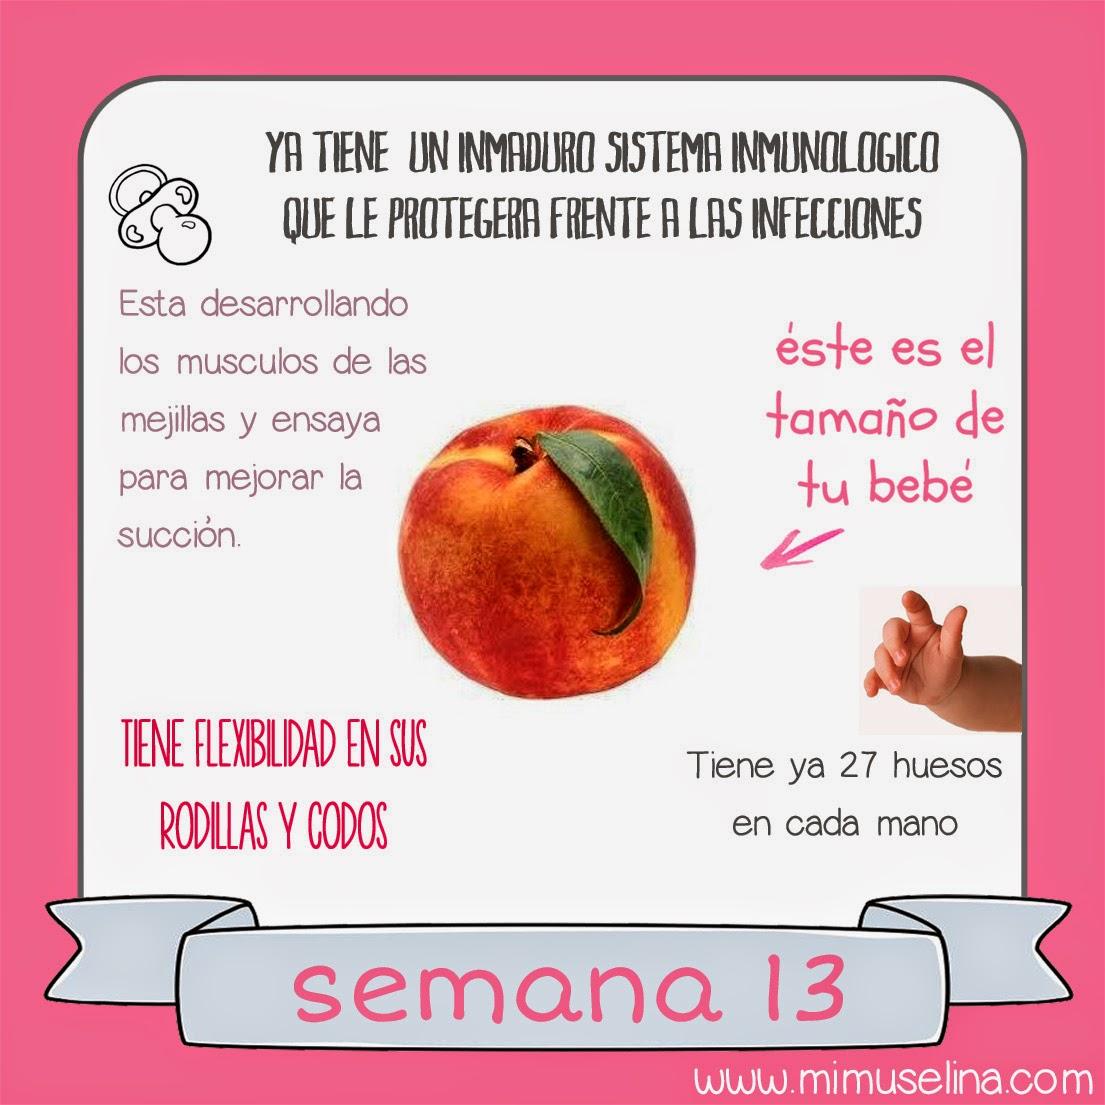 imagenes de un bebe de 13 semanas en el vientre